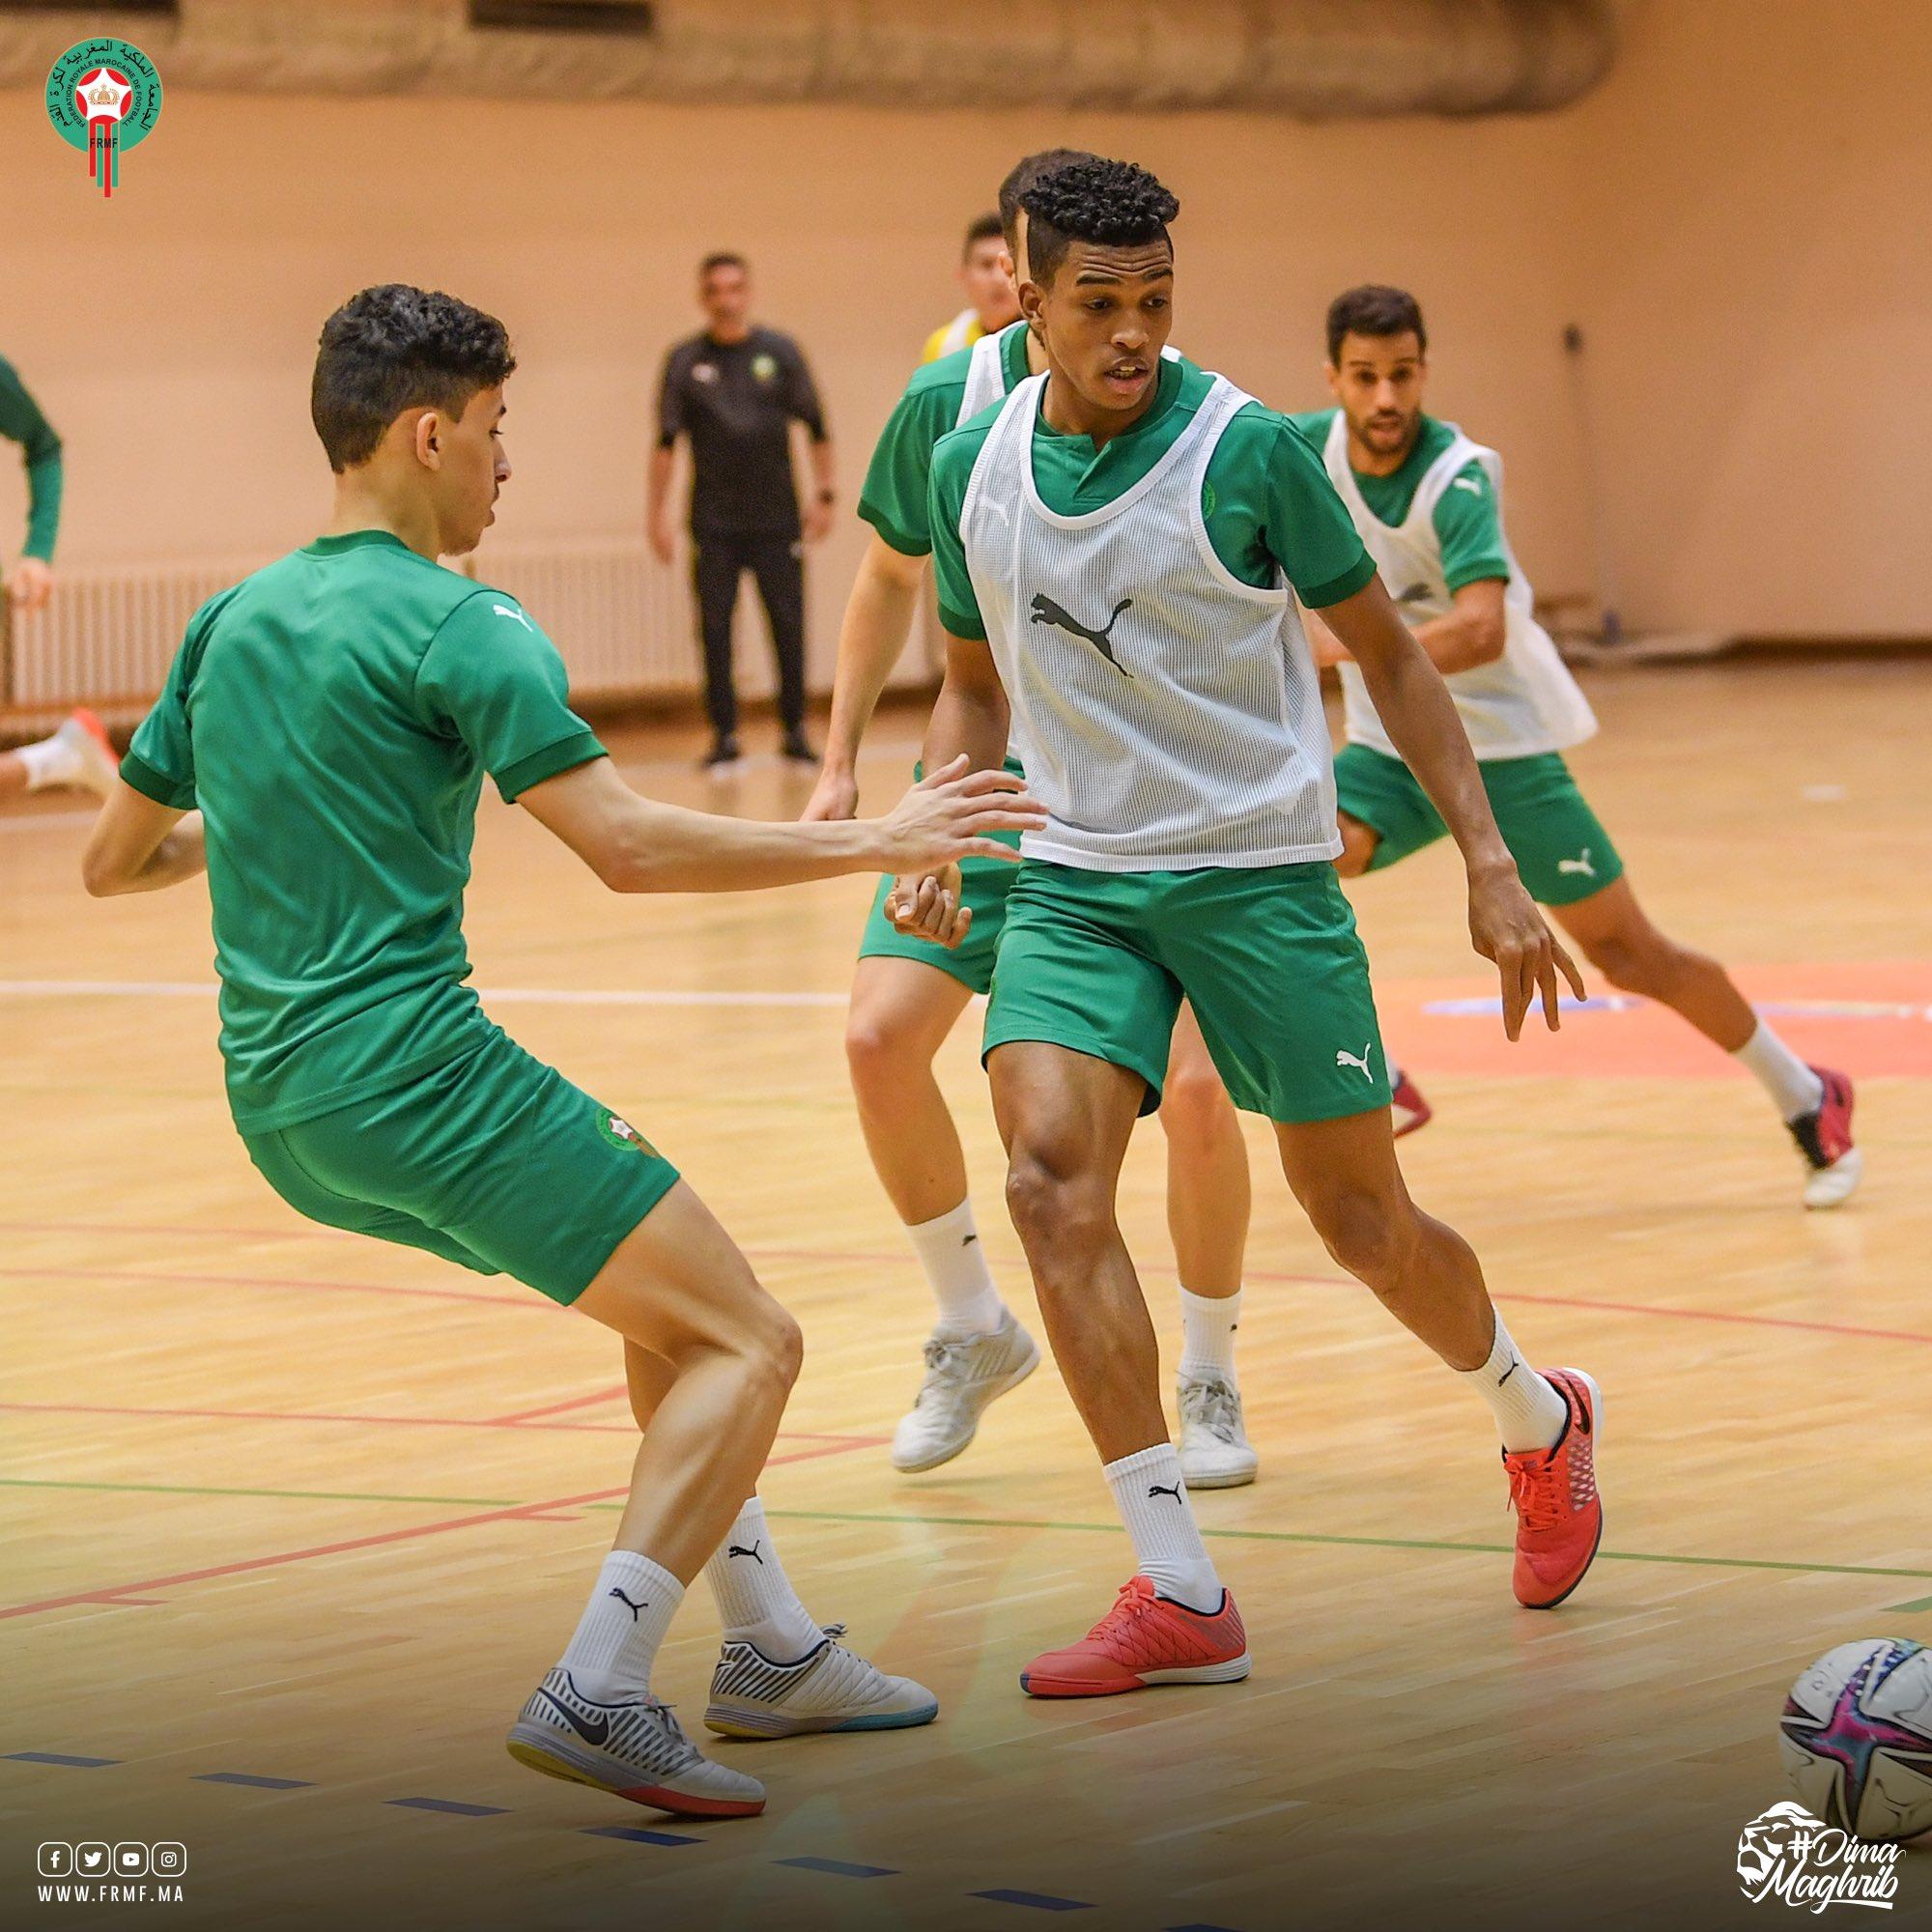 مباراة المغرب والبرازيل داخل القاعة - بث مباشر مباراة المغرب والبرازيل - بث مباشر مباراة المغرب والبرازيل داخل القاعة - المغرب ضد البرازيل داخل القاعة